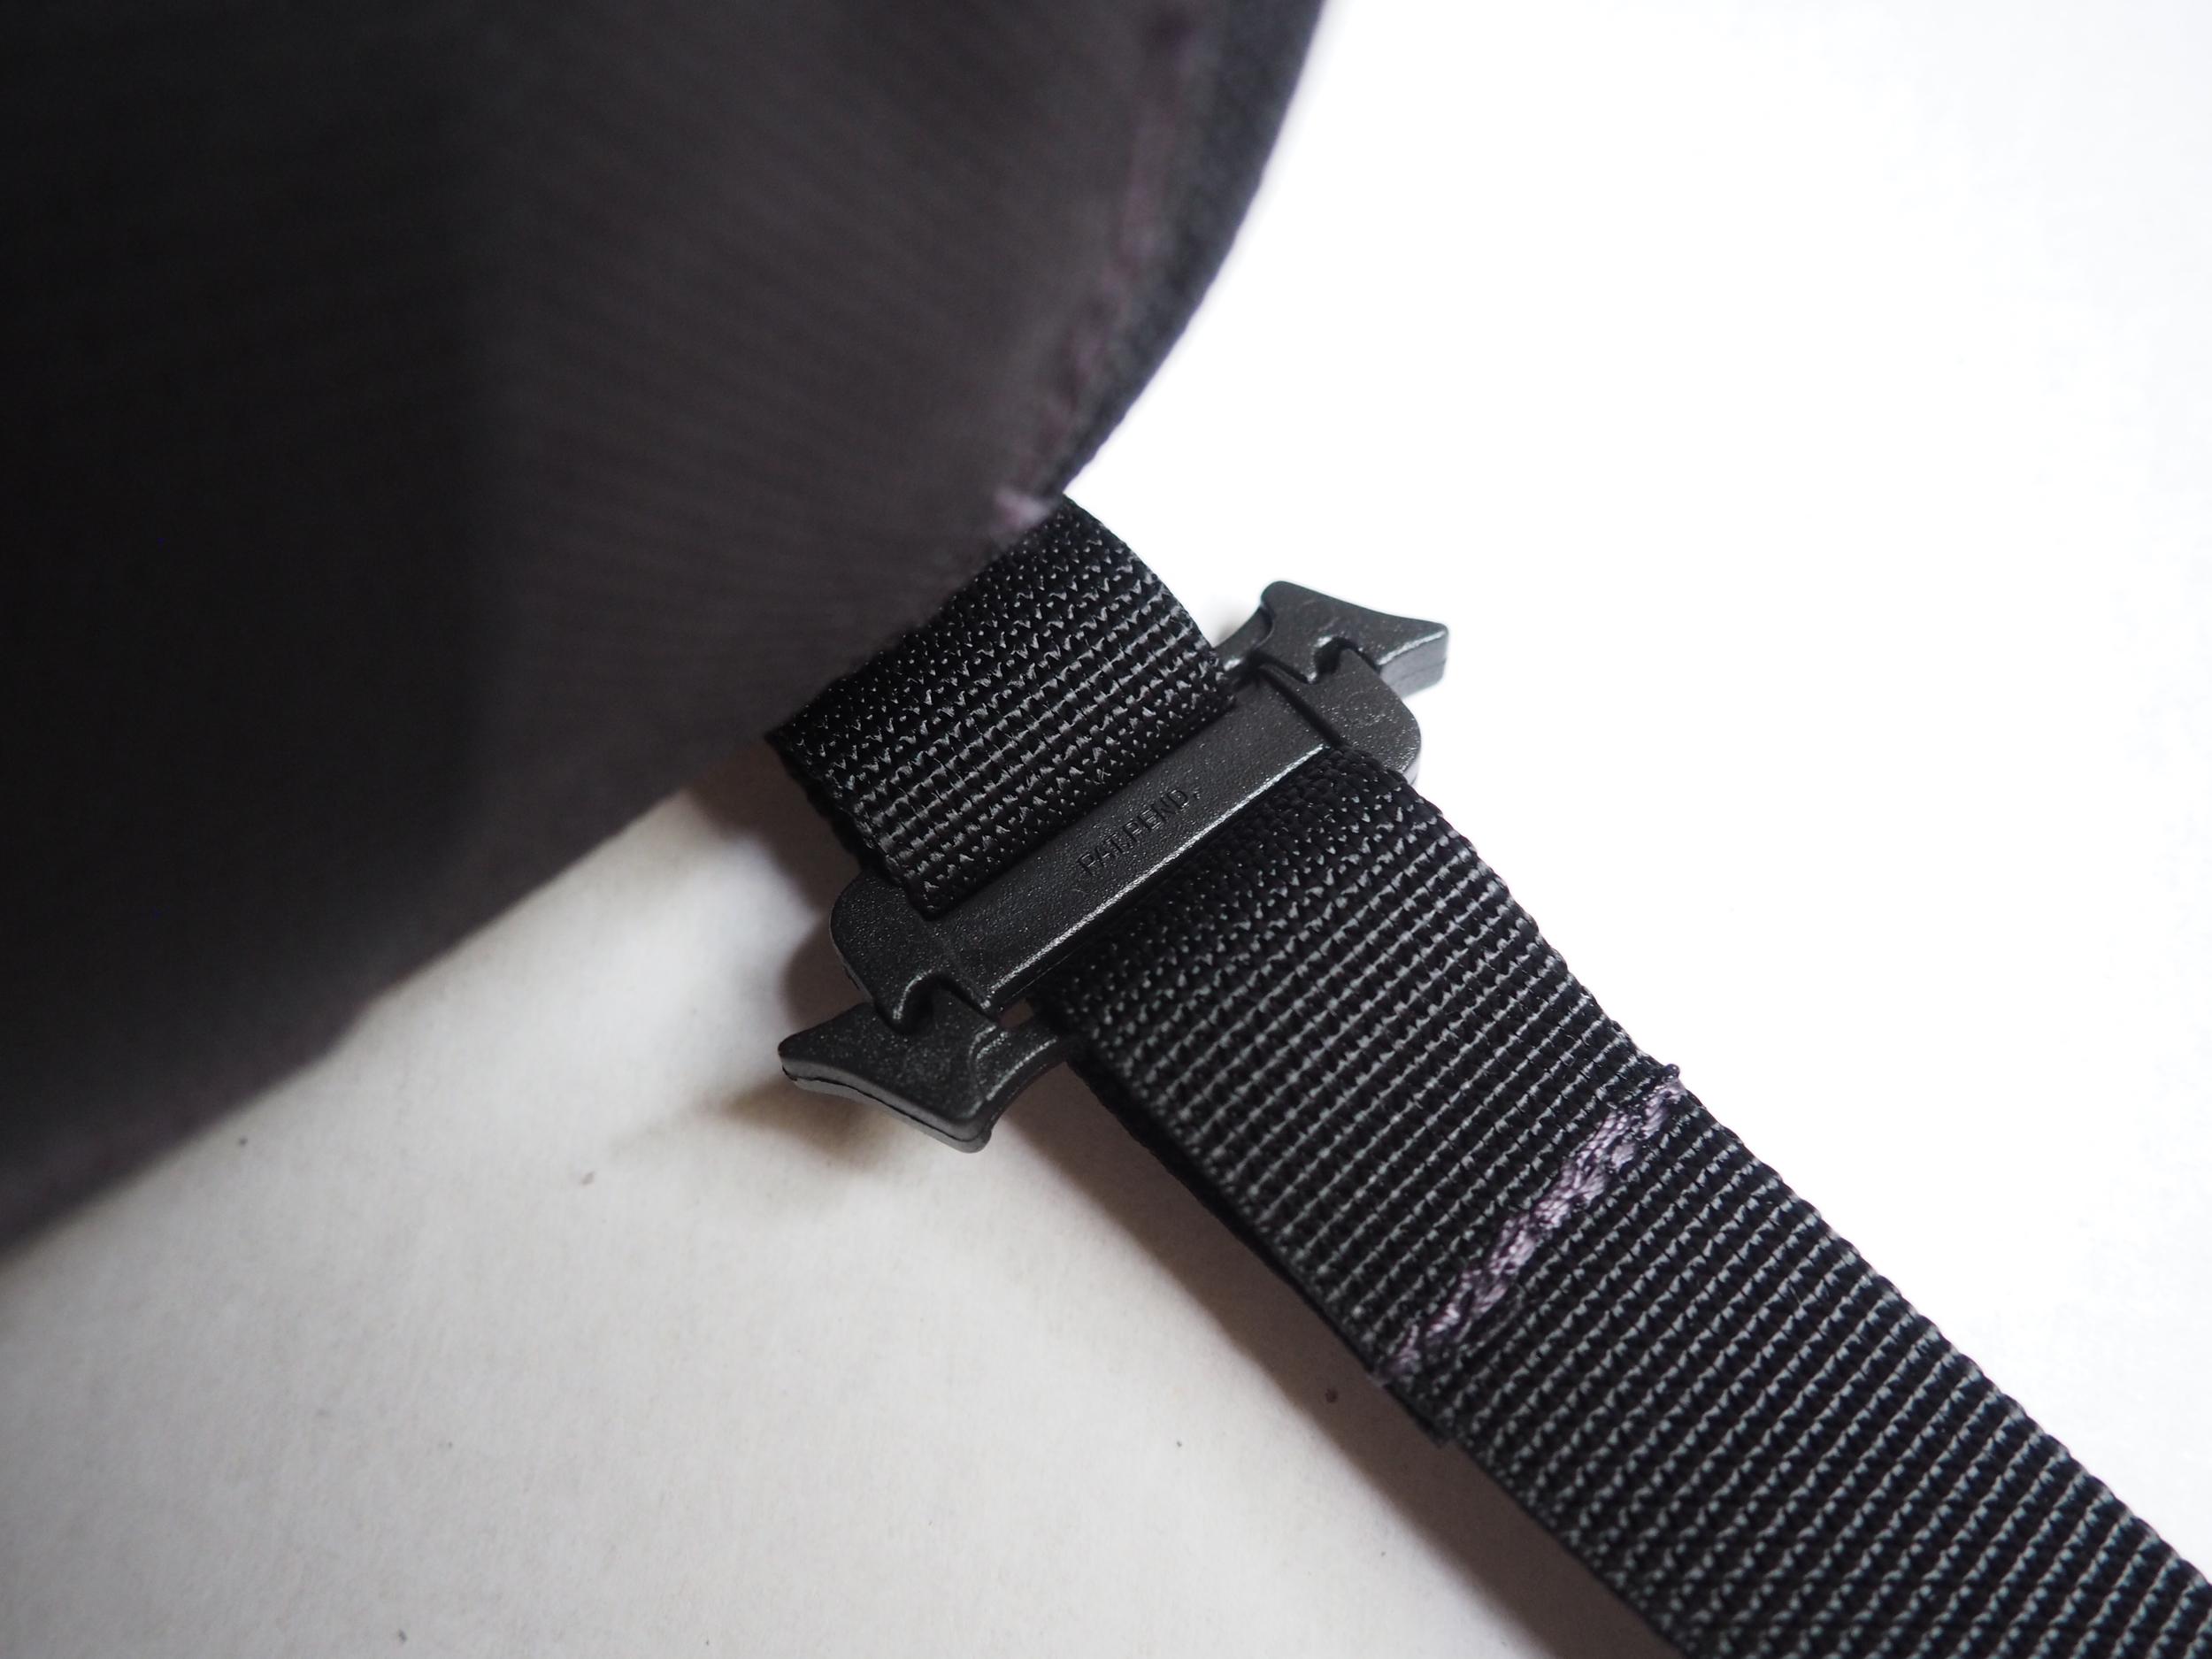 New cross strap end bracket